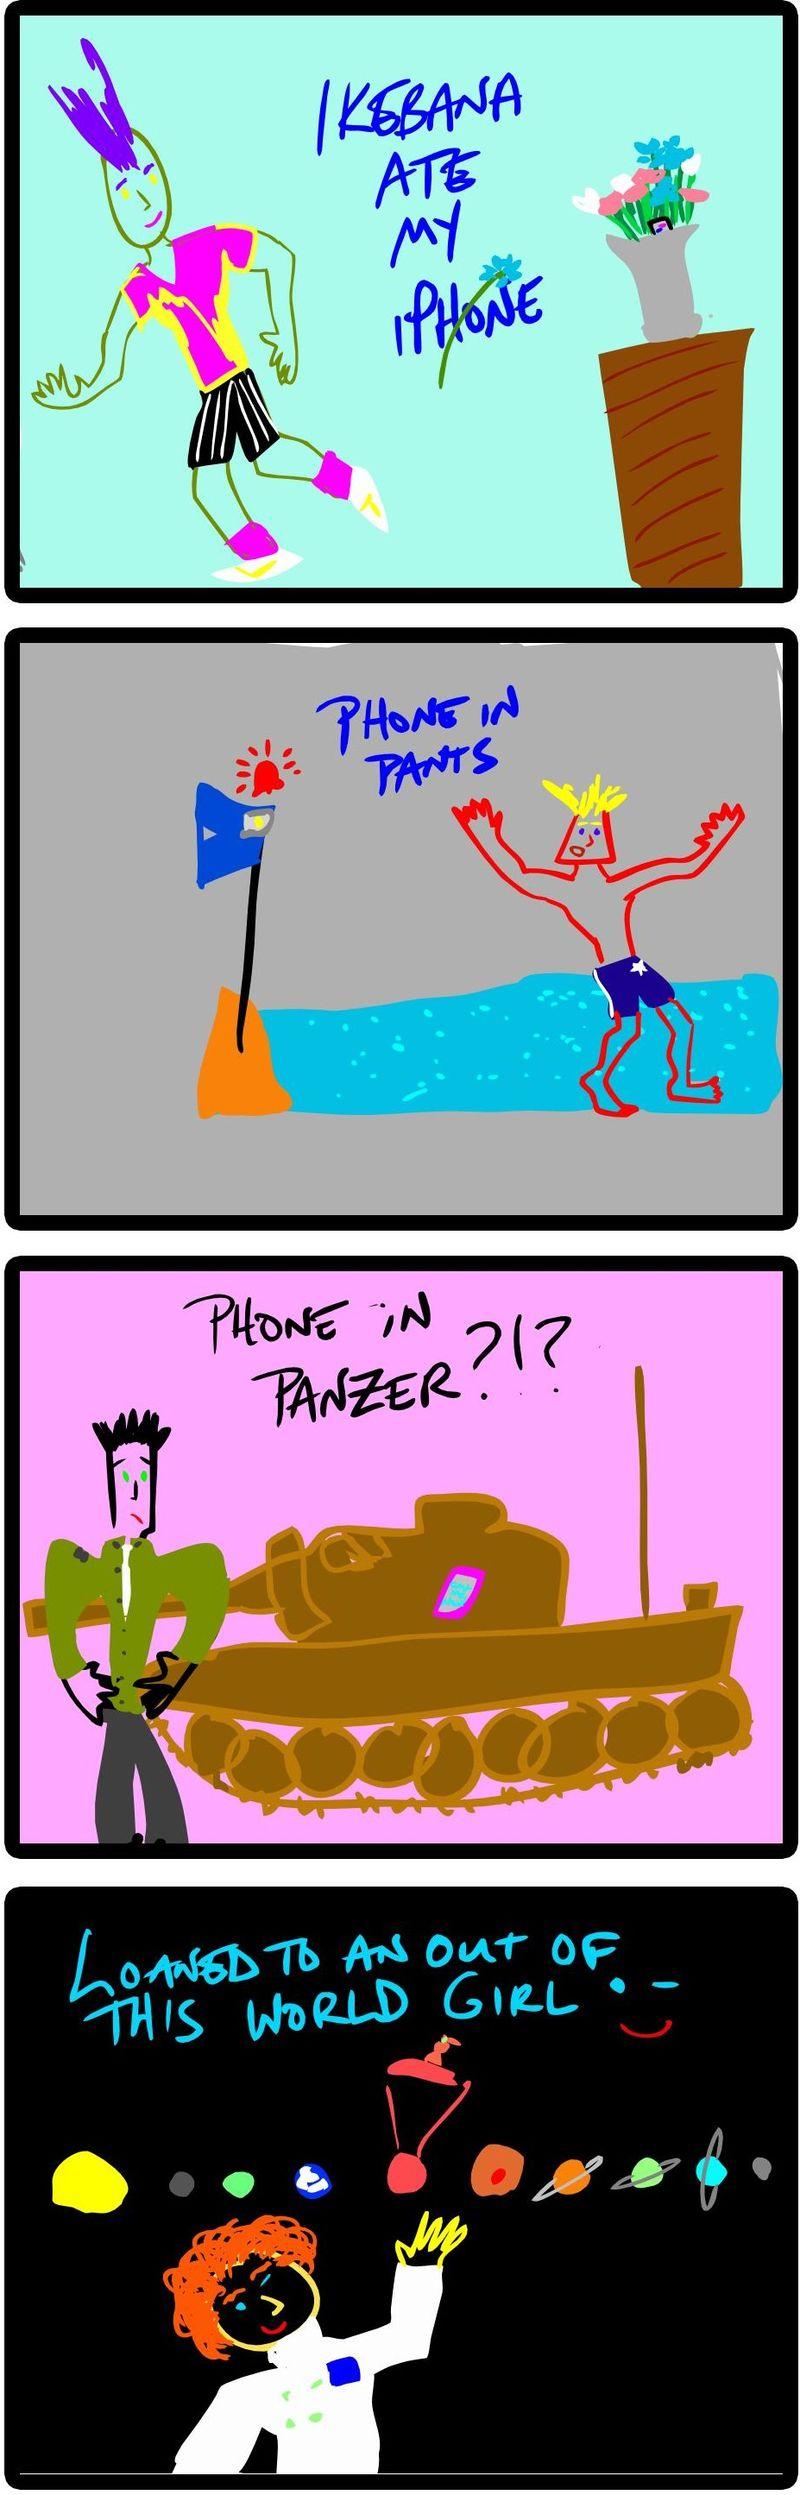 PhoneLost